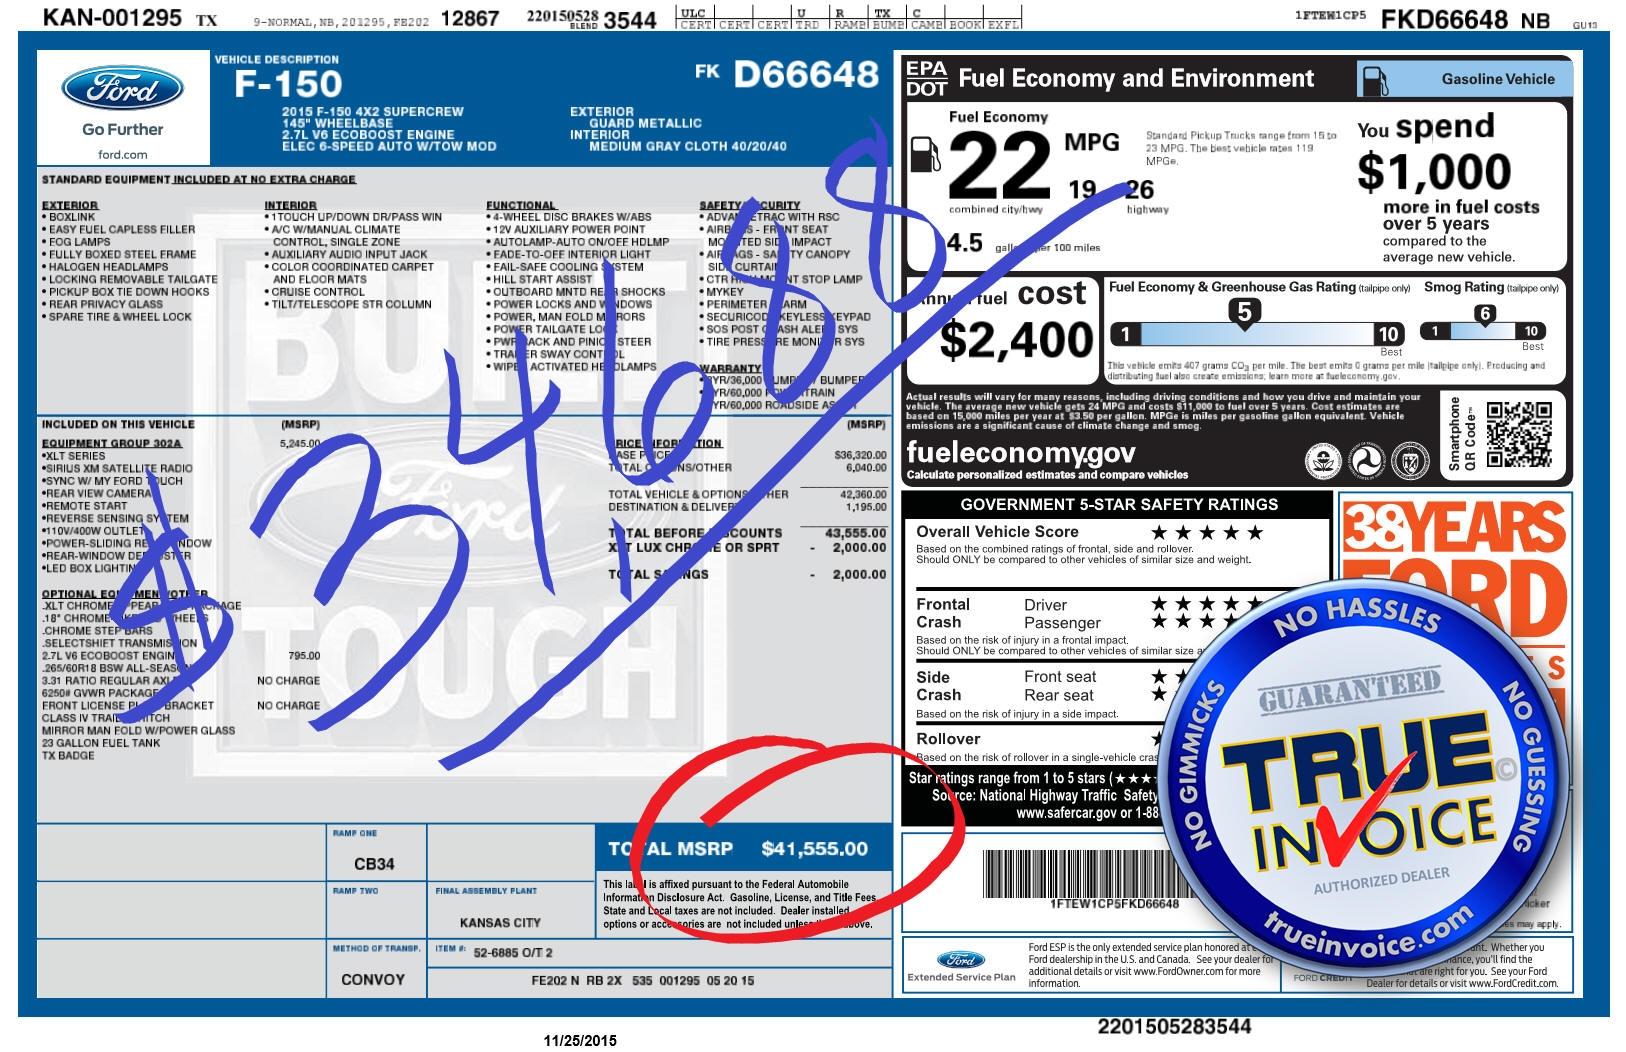 ford invoice price true invoice 2016 ford f150 1626 X 1052